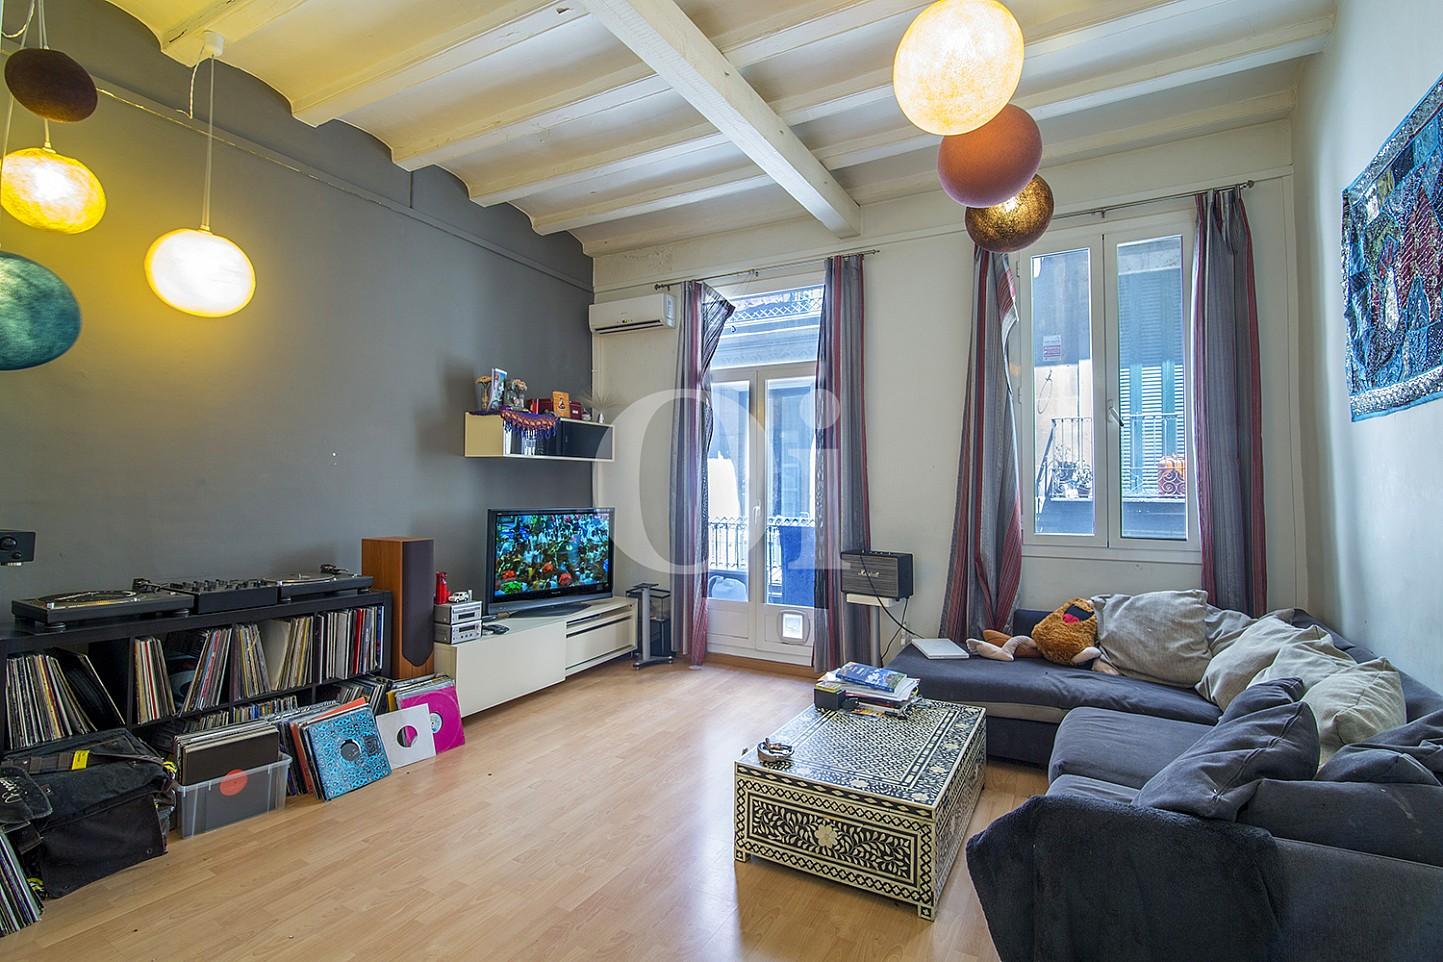 Luminoso salón con decorado bohemio y vistas exteriores en céntrico piso en venta ubicado en El Gotic, Barcelona